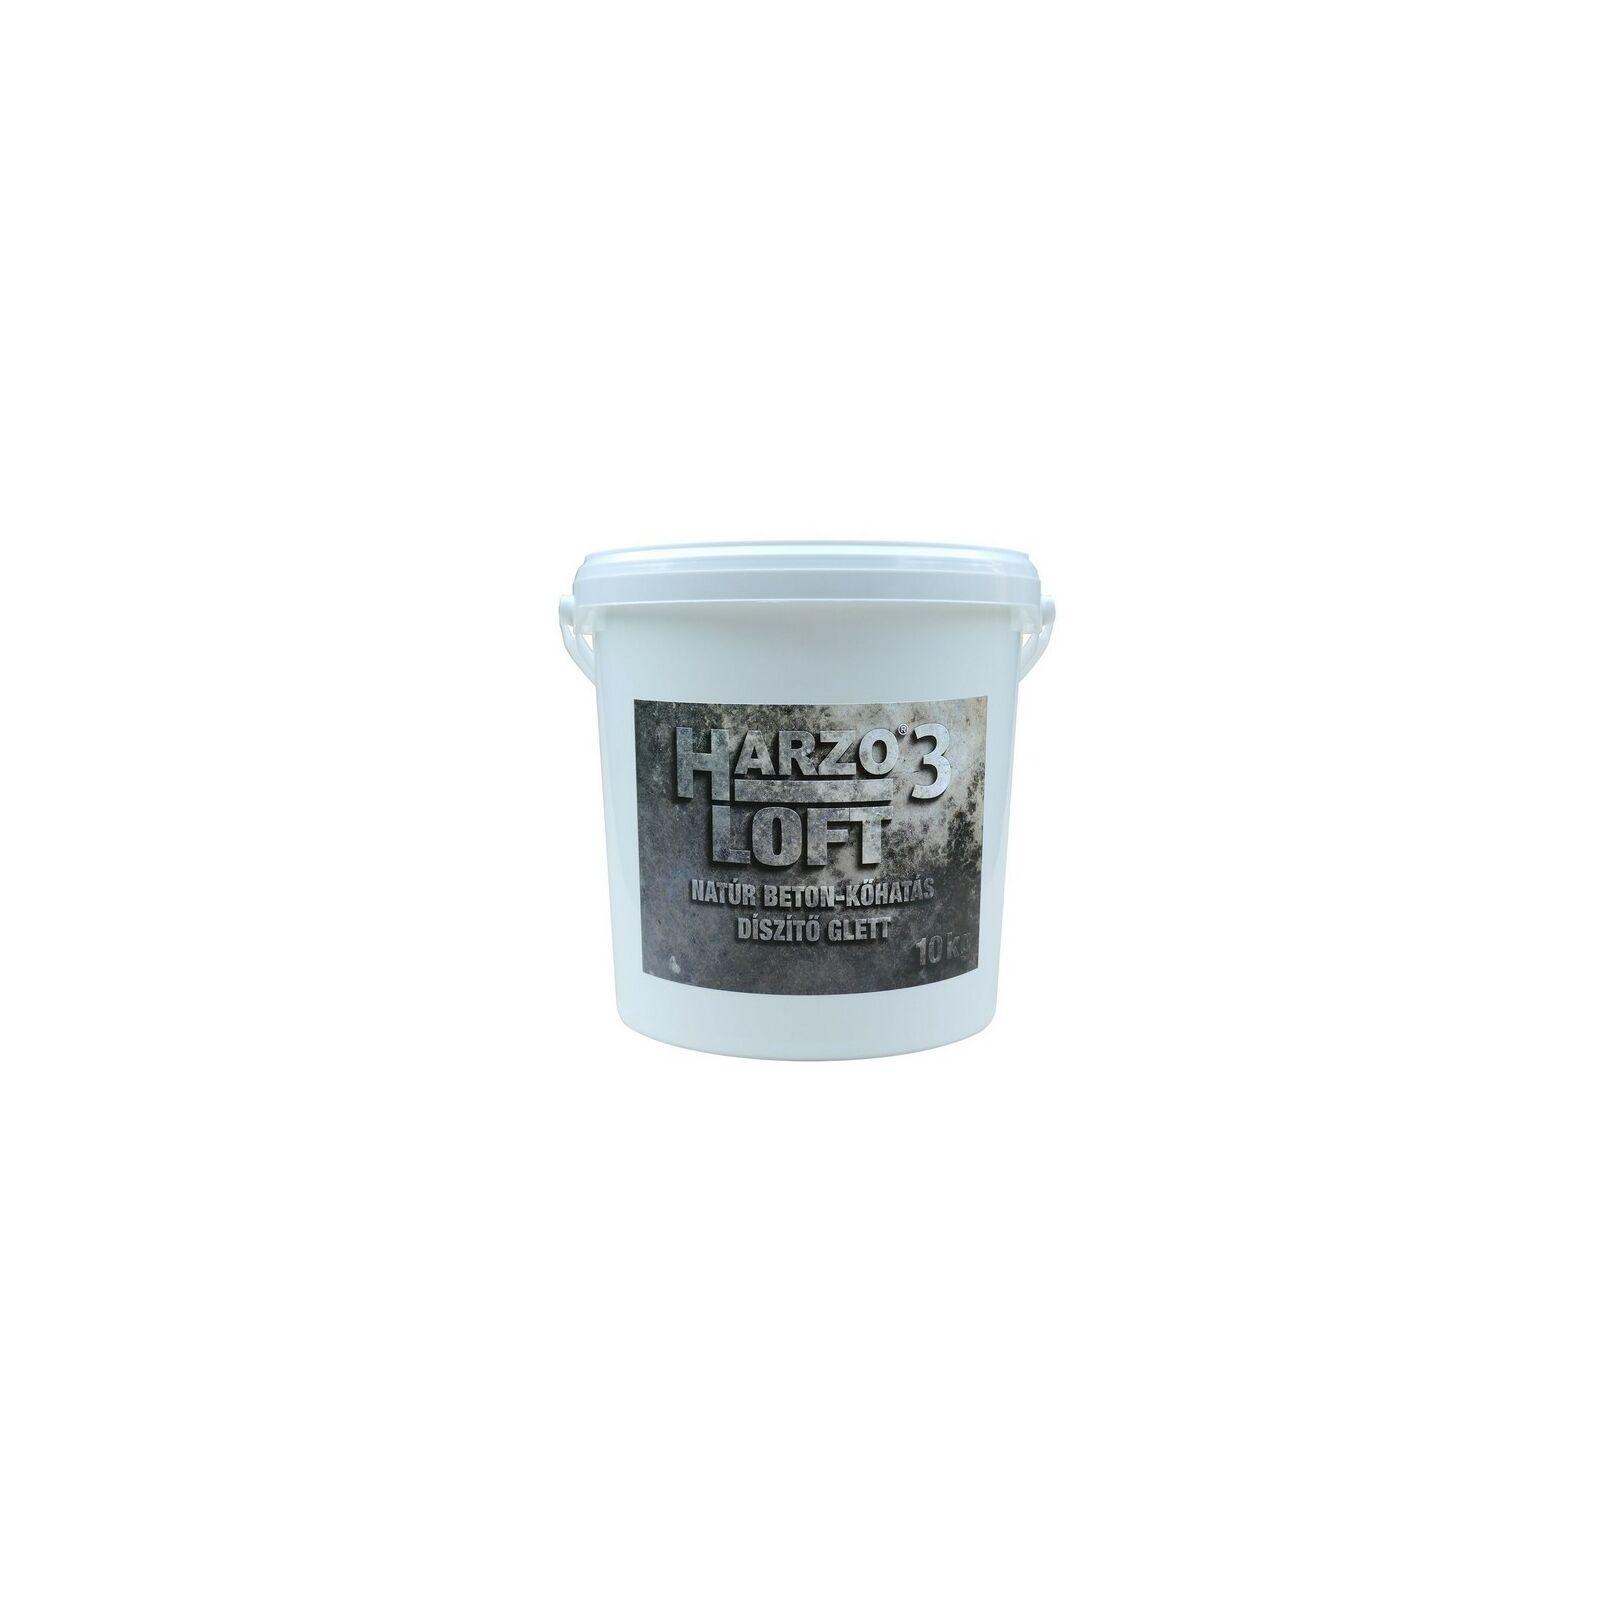 HARZO 3 LOFT Natúr beton-kőhatás díszítő glett [10 kg]